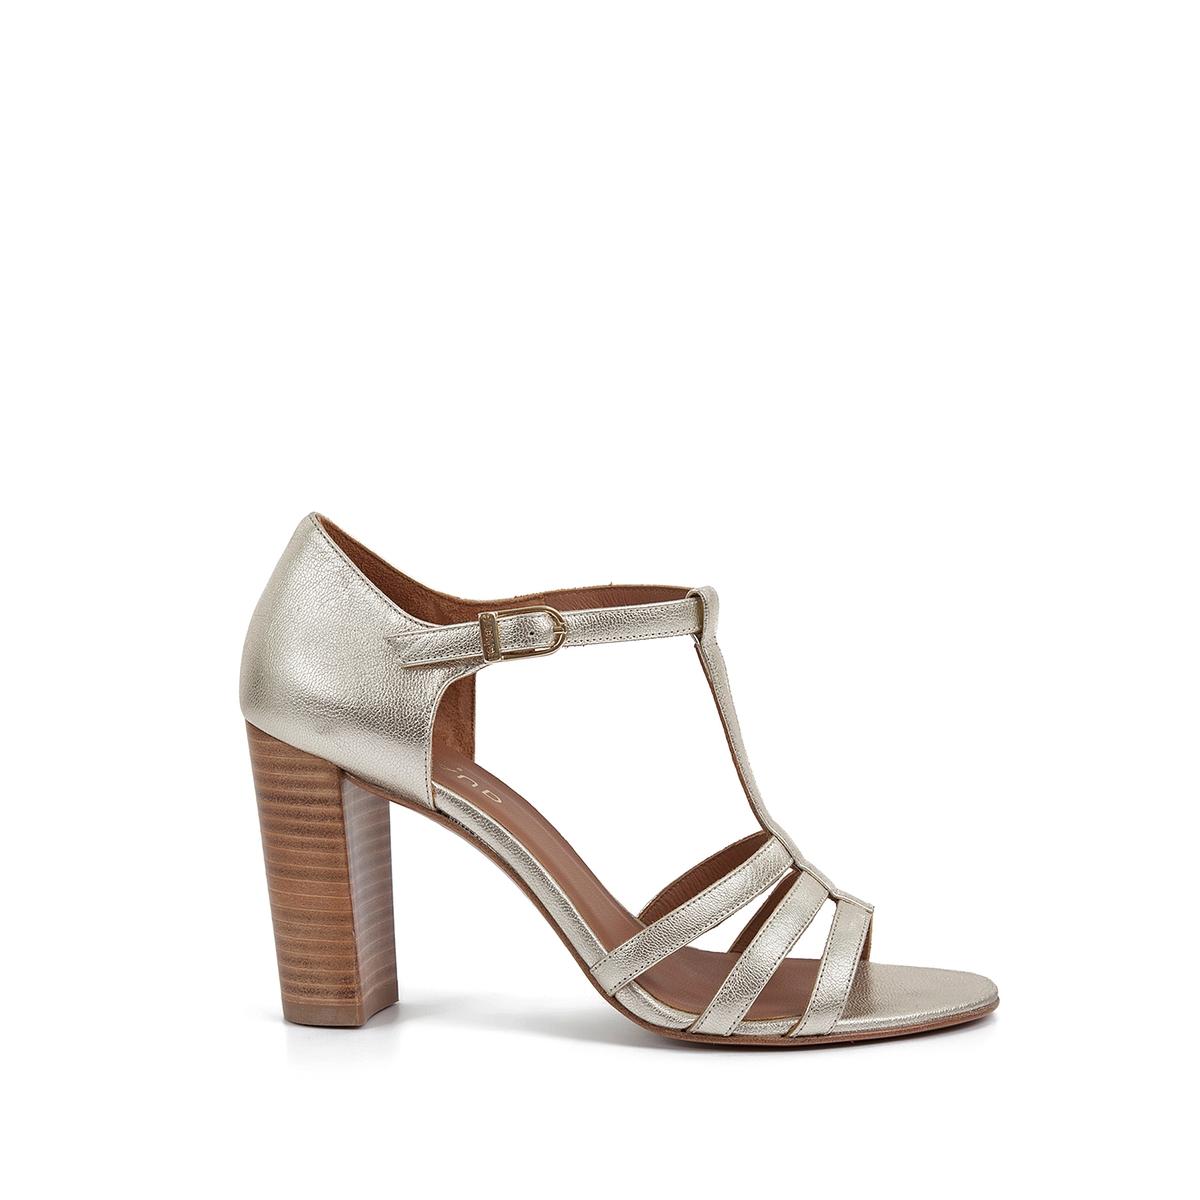 Босоножки кожаные ElsieВерх : кожа   Подкладка : кожа   Стелька : кожа   Подошва : кожа   Высота каблука : 8 см   Форма каблука : квадратный каблук   Мысок : закругленный мысок   Застежка : ремешок<br><br>Цвет: золотистый<br>Размер: 39.40